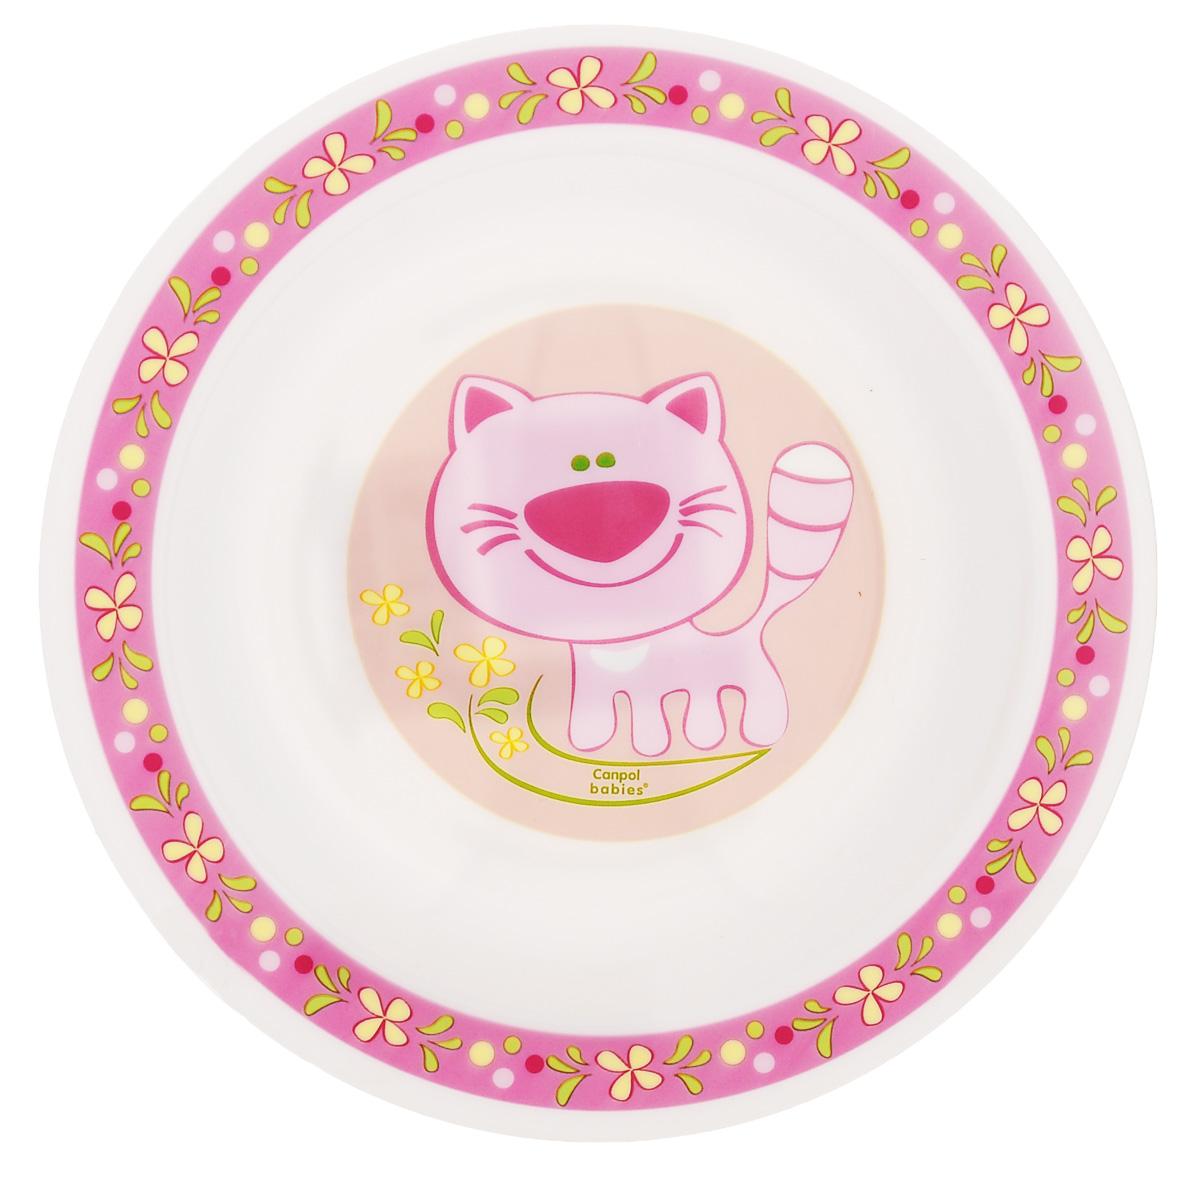 Canpol Babies Тарелка детская глубокая Кот цвет розовый диаметр 18 см недорого